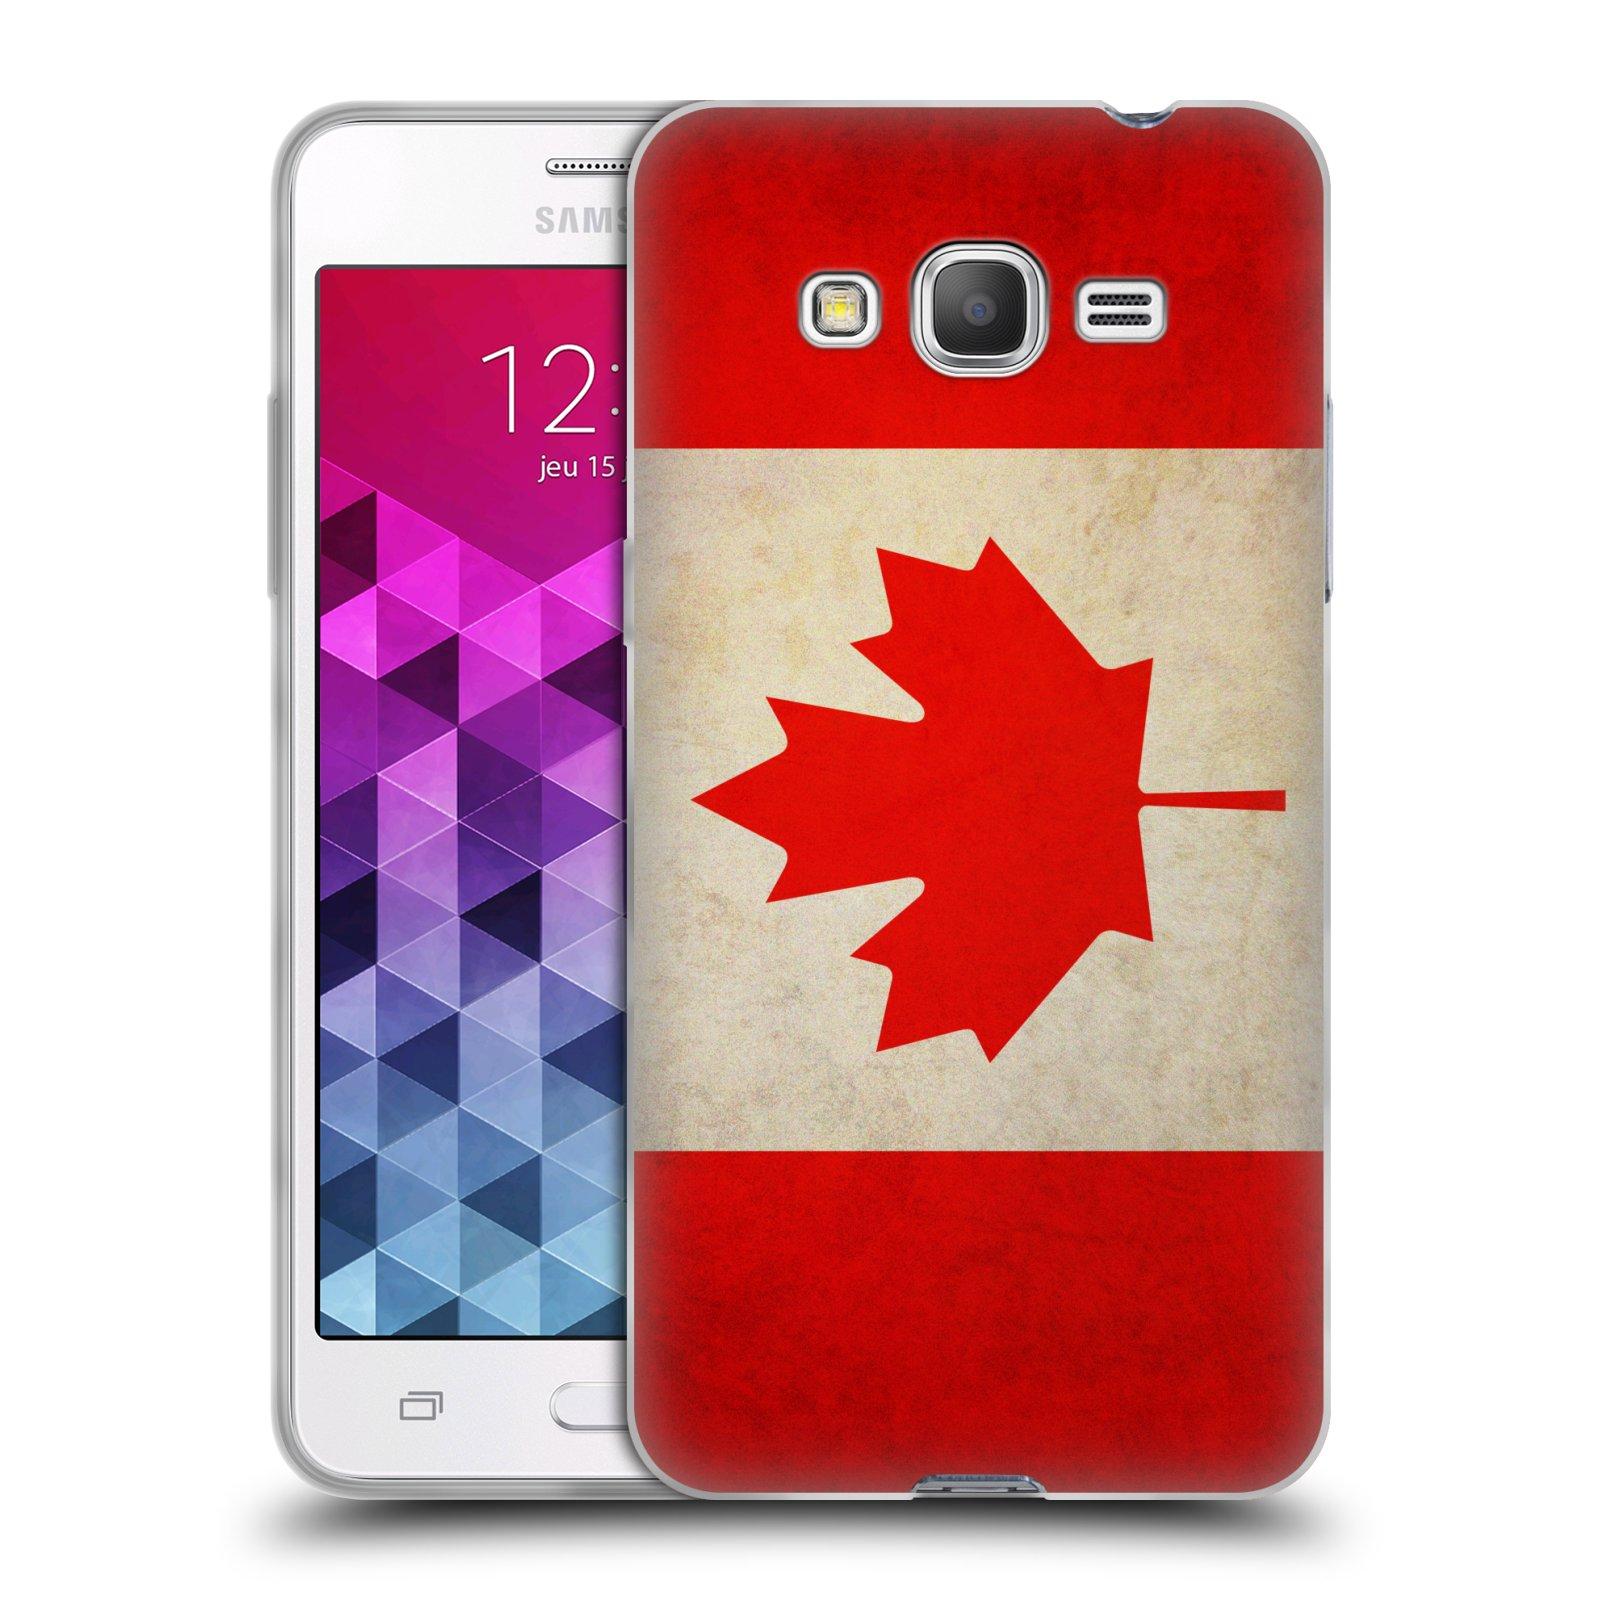 HEAD CASE silikonový obal na mobil Samsung Galaxy GRAND PRIME vzor VINTAGE VLAJKY KANADA